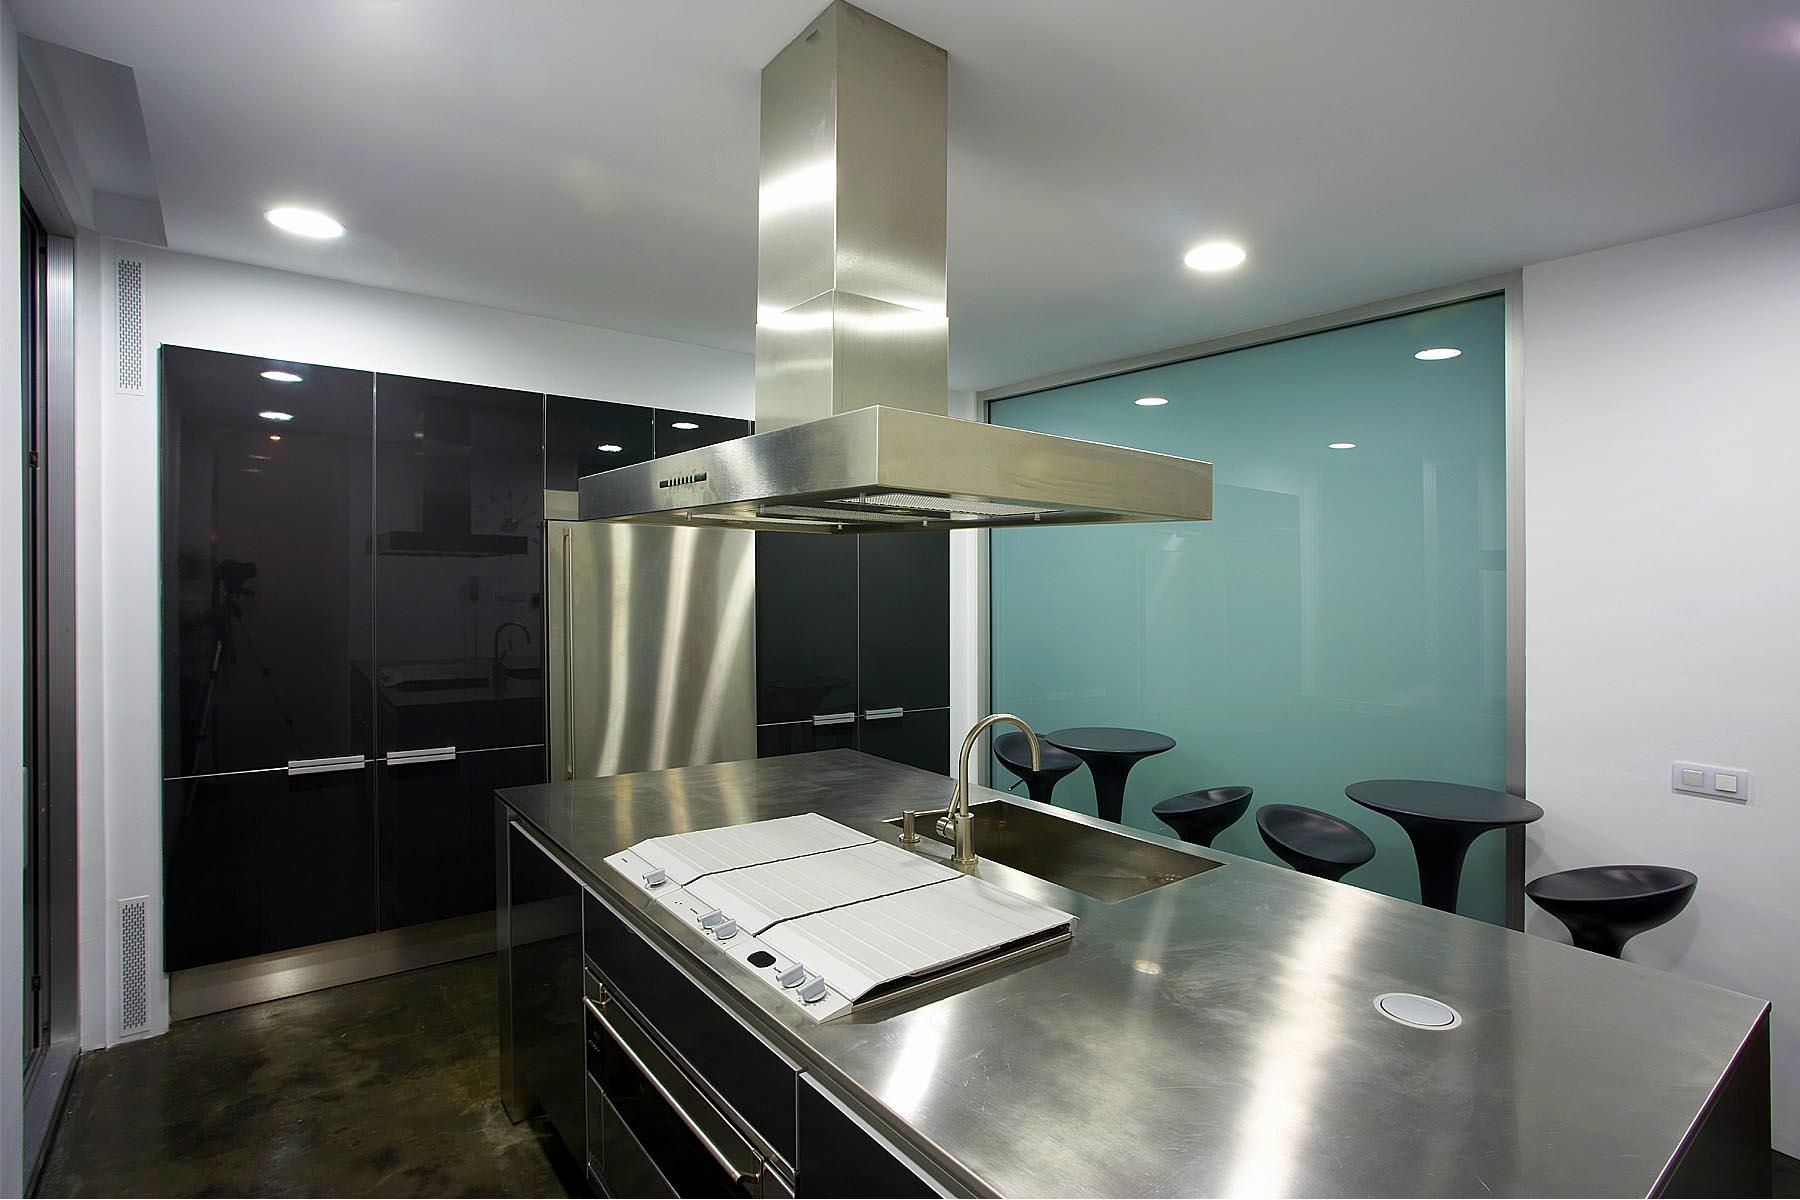 Reformas de cocinas y ba os cantabria reformas de cocinas - Reformas cocinas y banos ...